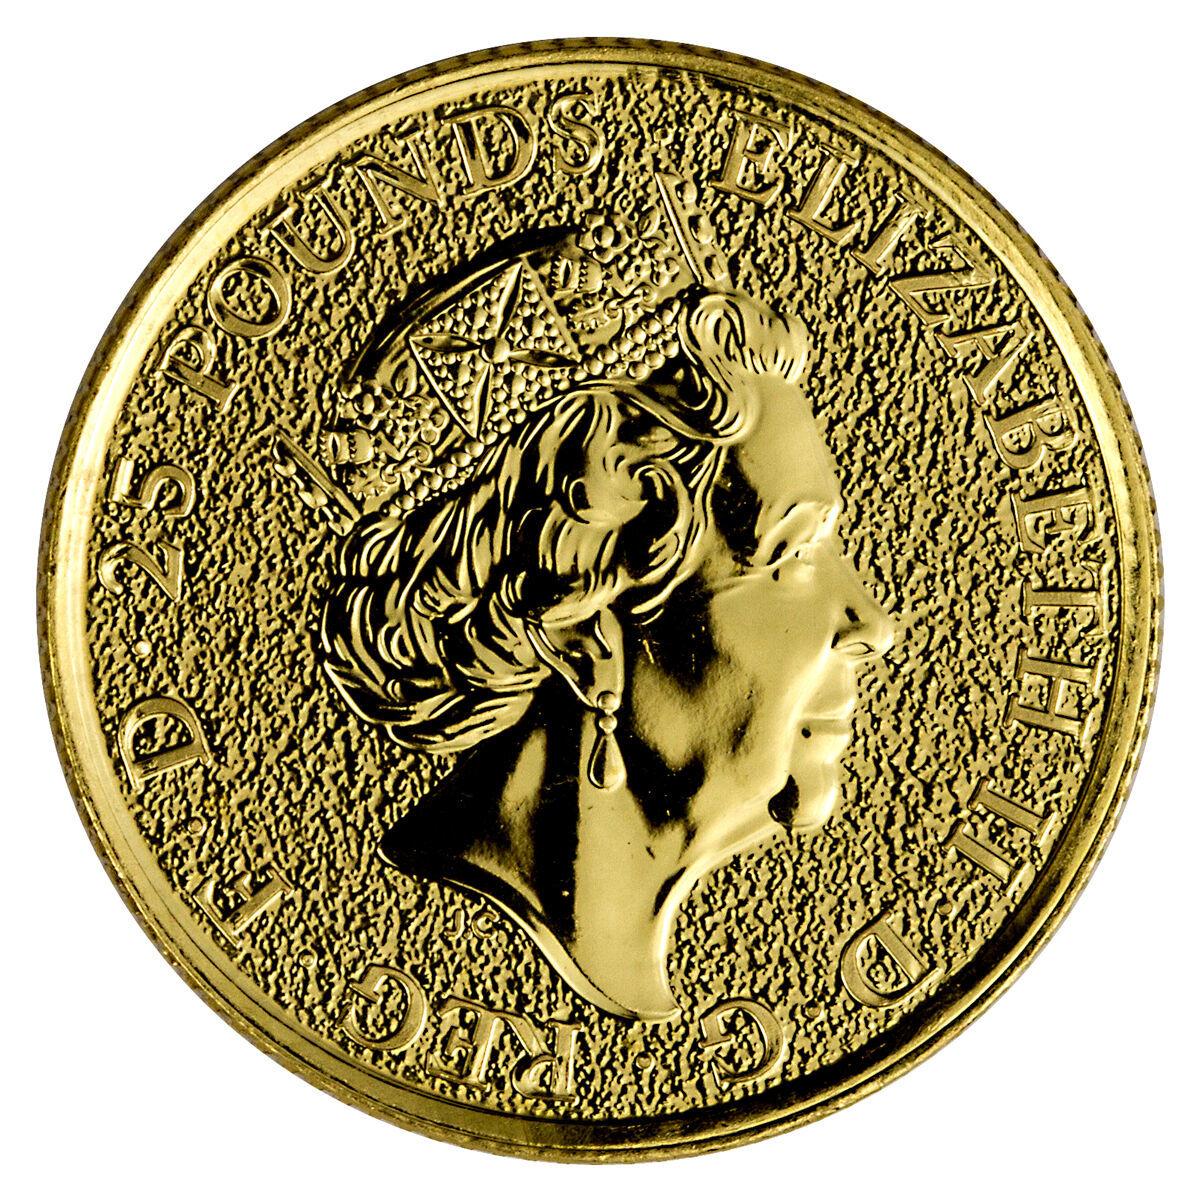 25 фунтов. Английский лев Мистические звери Королевы. Великобритания. Золото. 2016 год